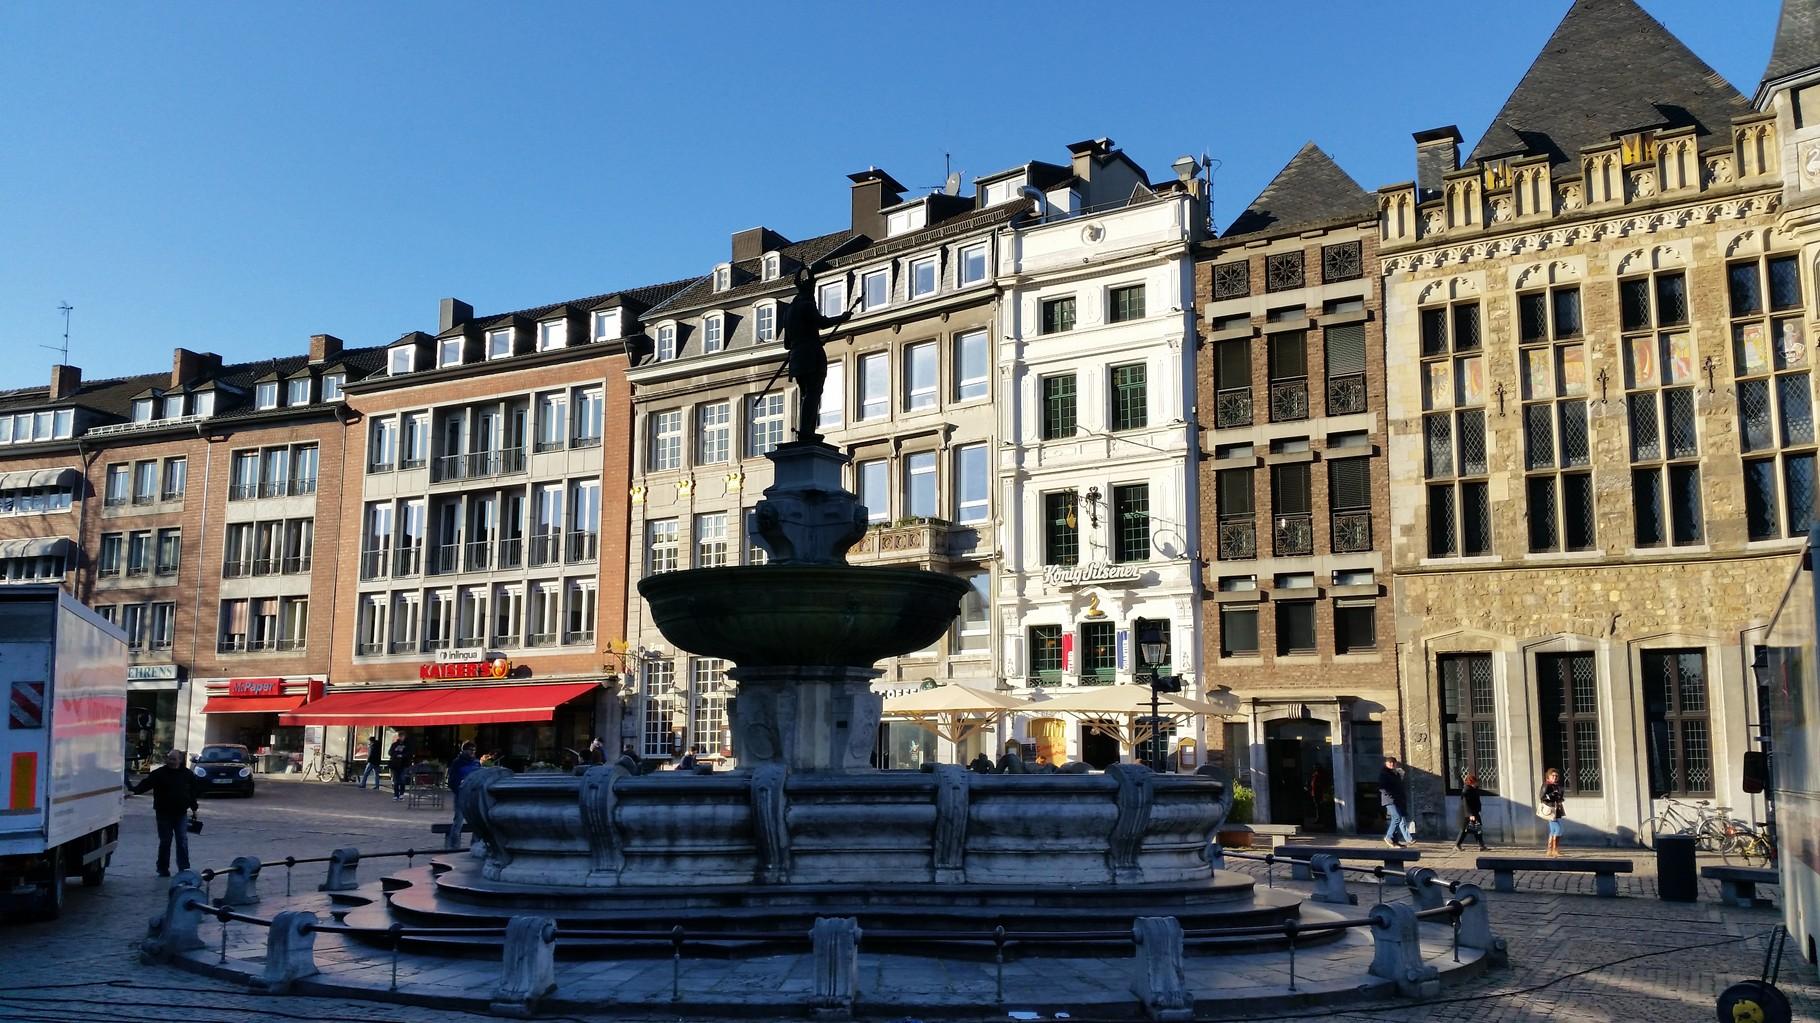 Aachener Markt